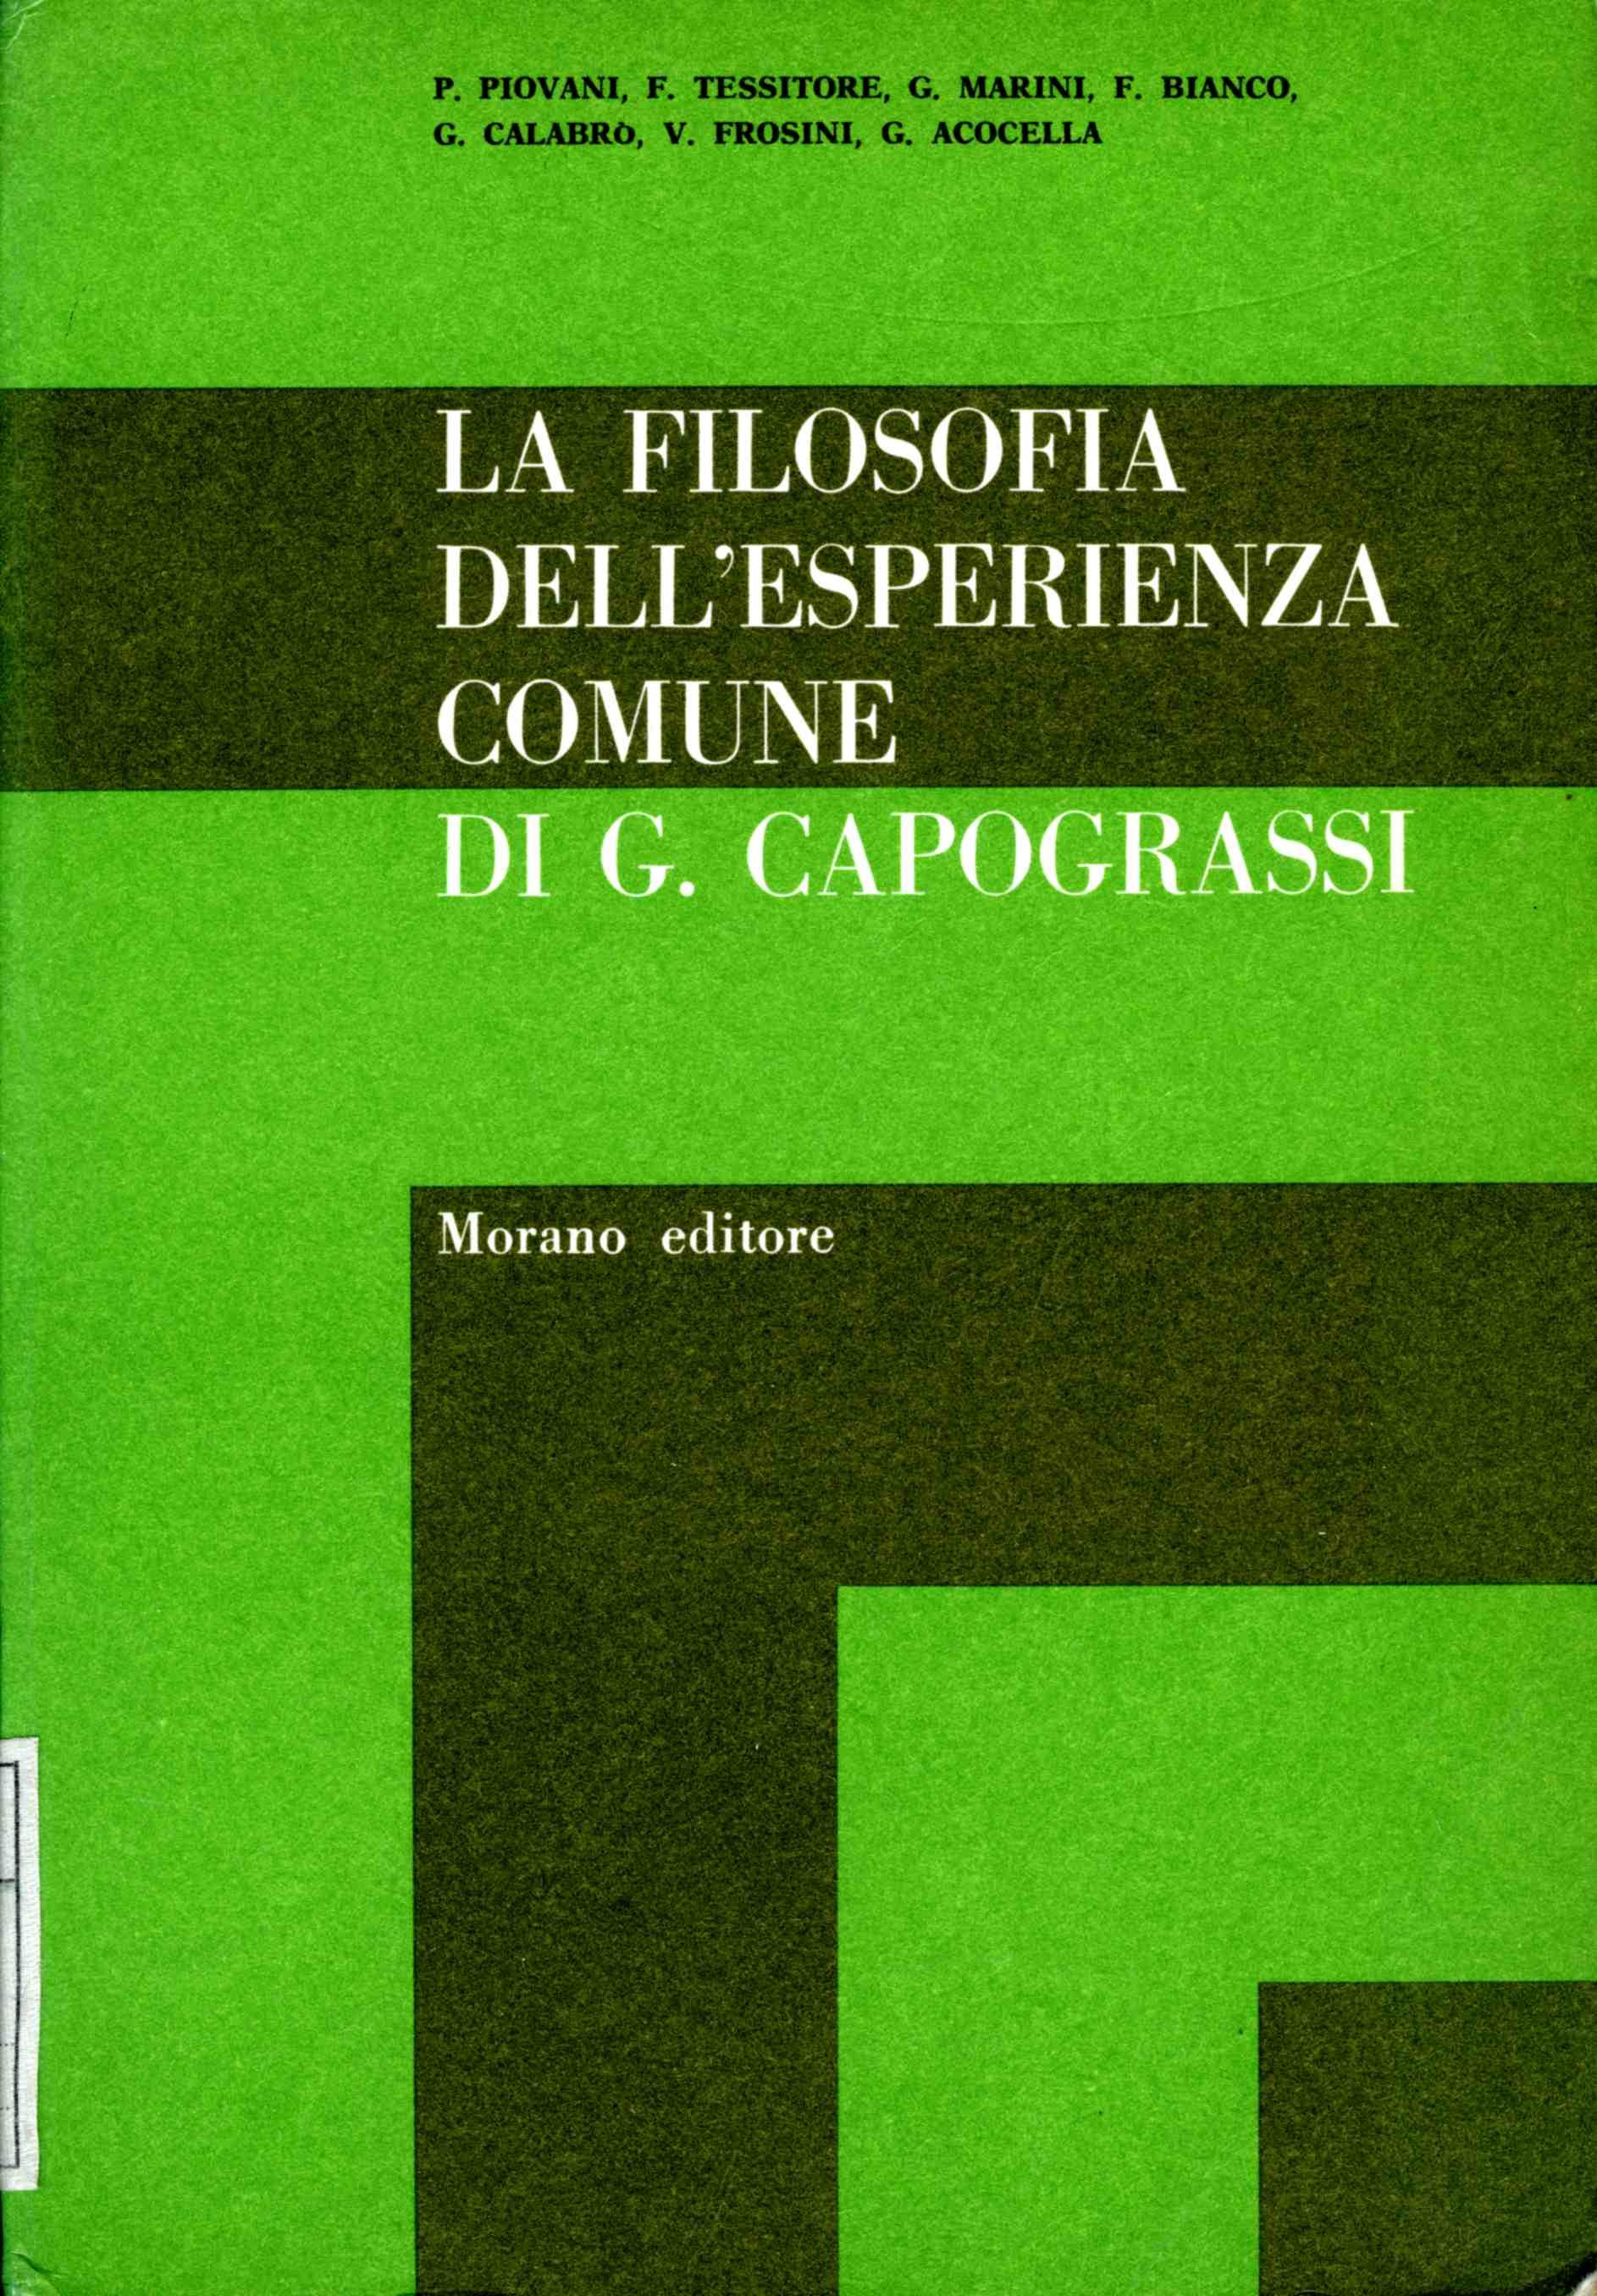 La filosofia dell'esperienza comune di Giuseppe Capograssi